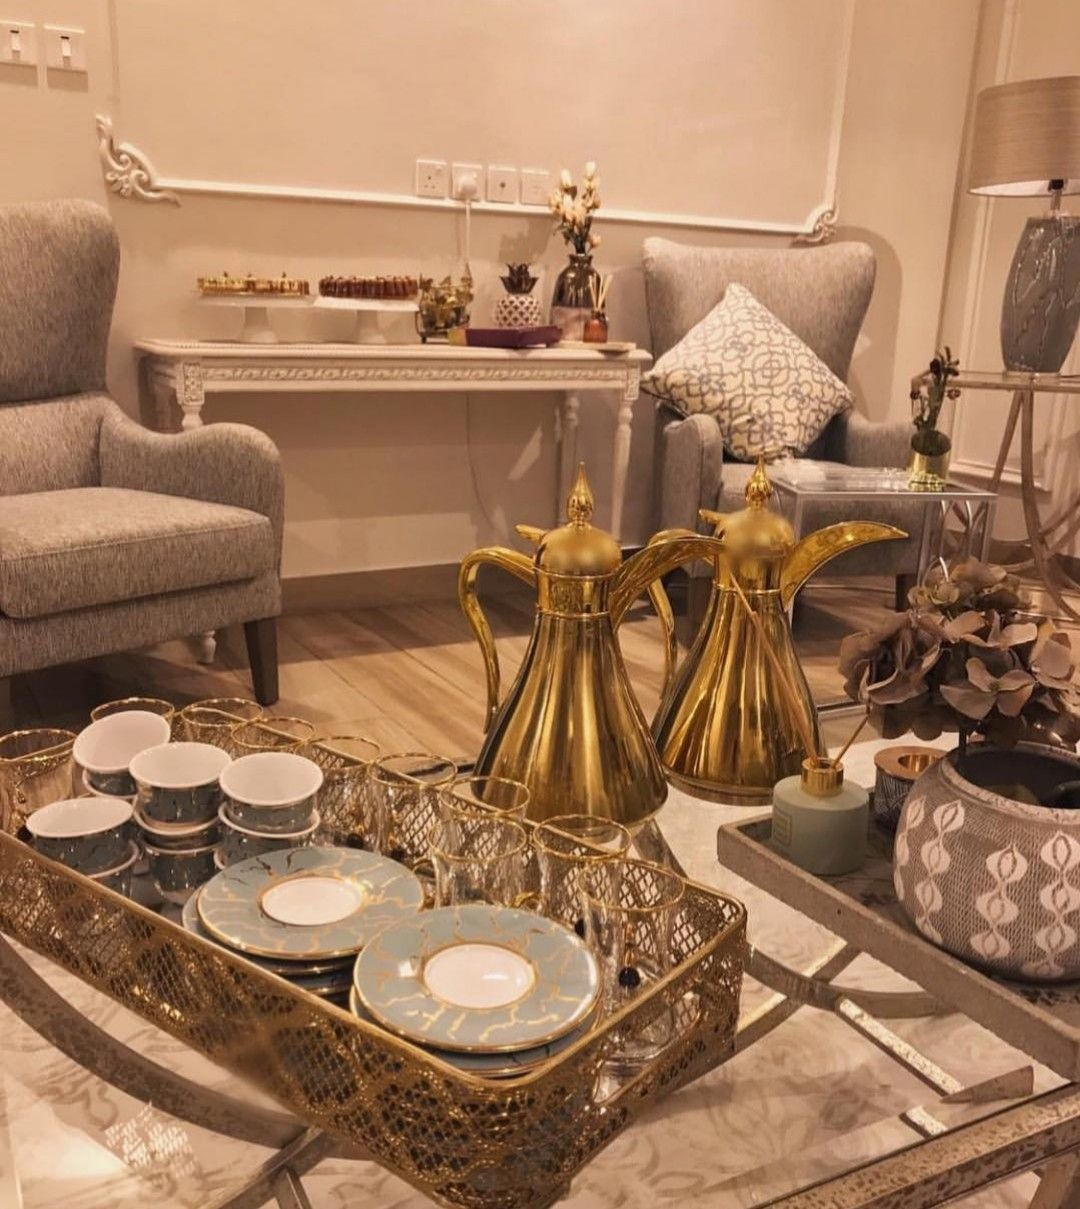 ضيافه قهوه Decor Table Decor Living Room Living Room Design Decor